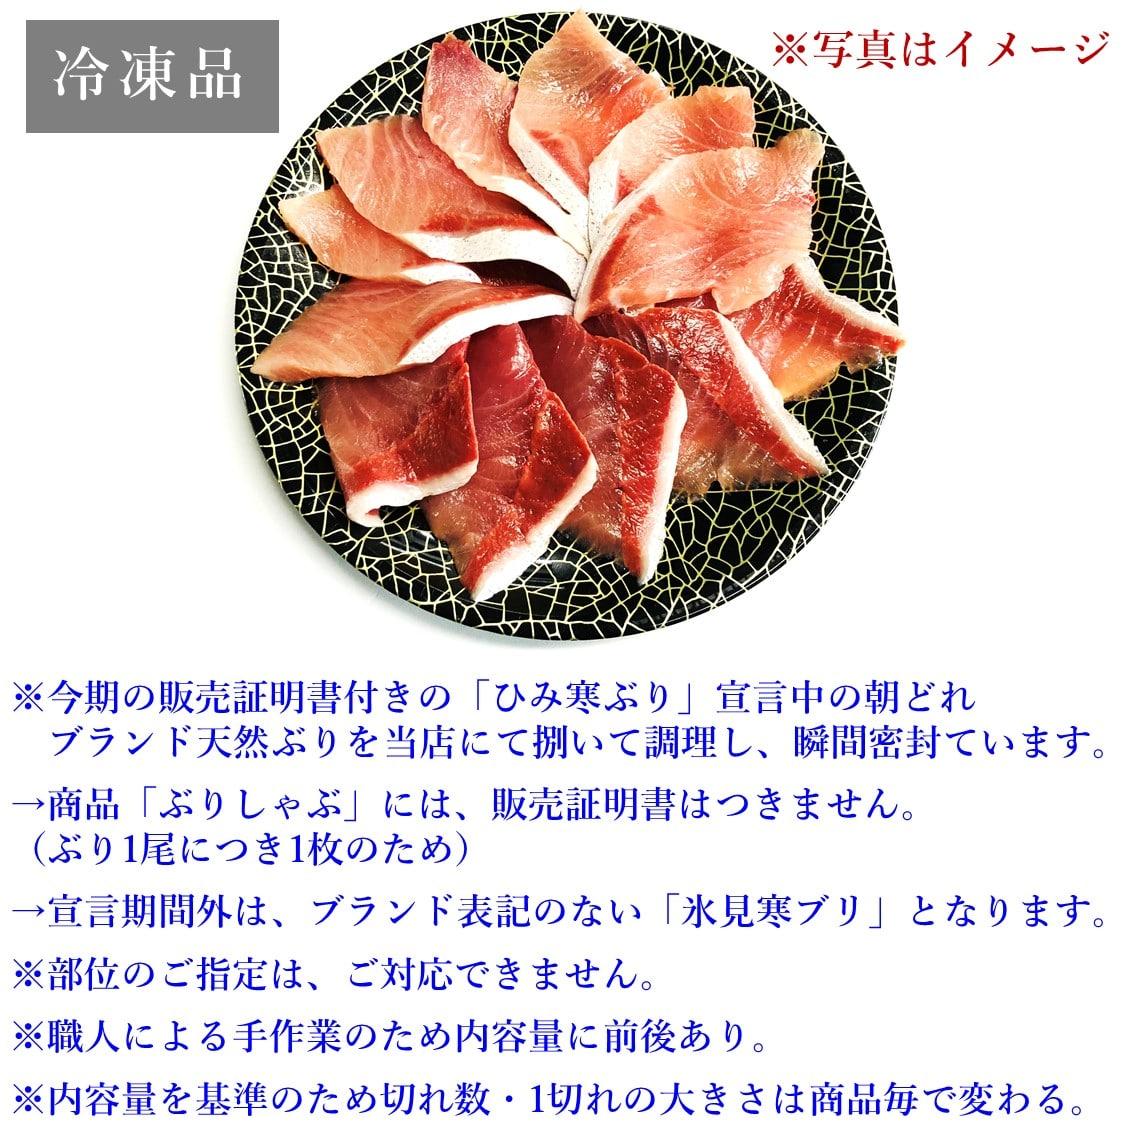 ひみ寒ぶり ぶりしゃぶ1皿(150g)【冷凍品】〔ブランドぶりは2月6日終了宣言のため在庫限り〕